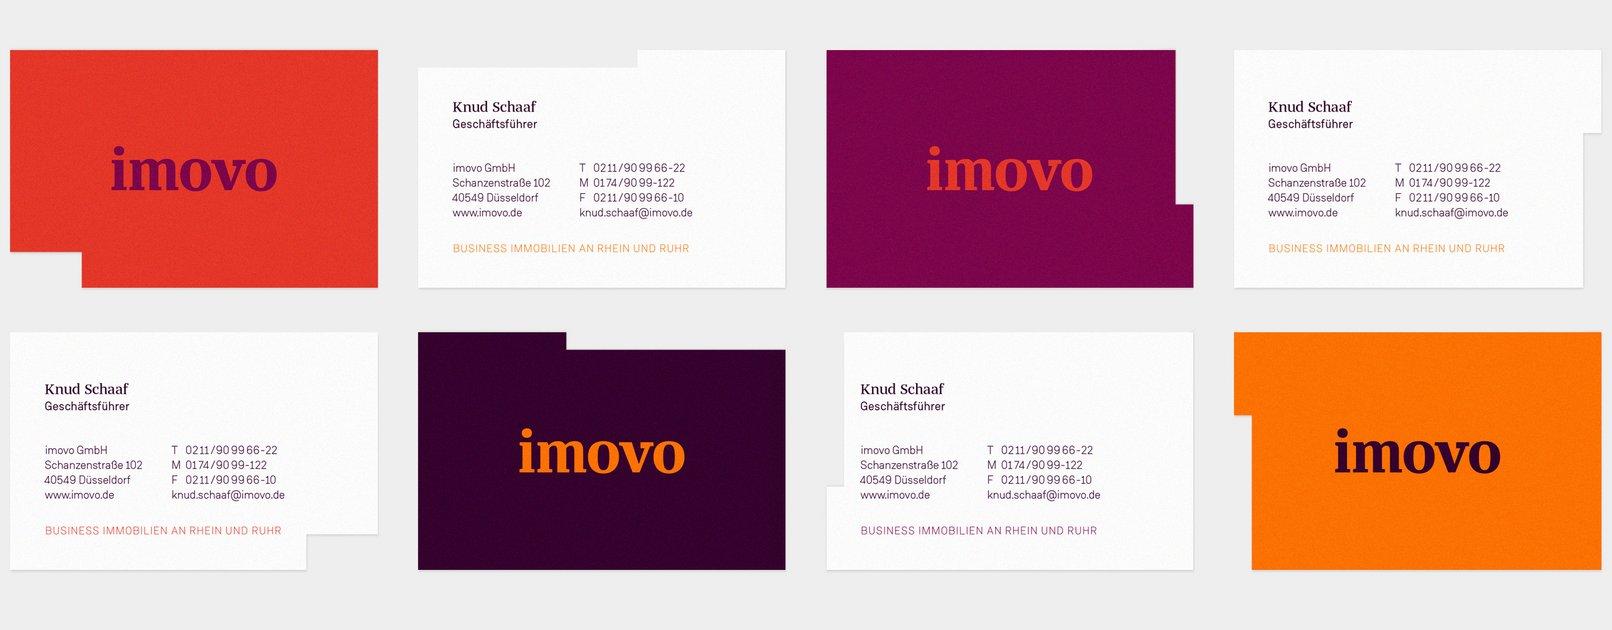 Corporate Design Für Den Business Immobilienpartner Imovo